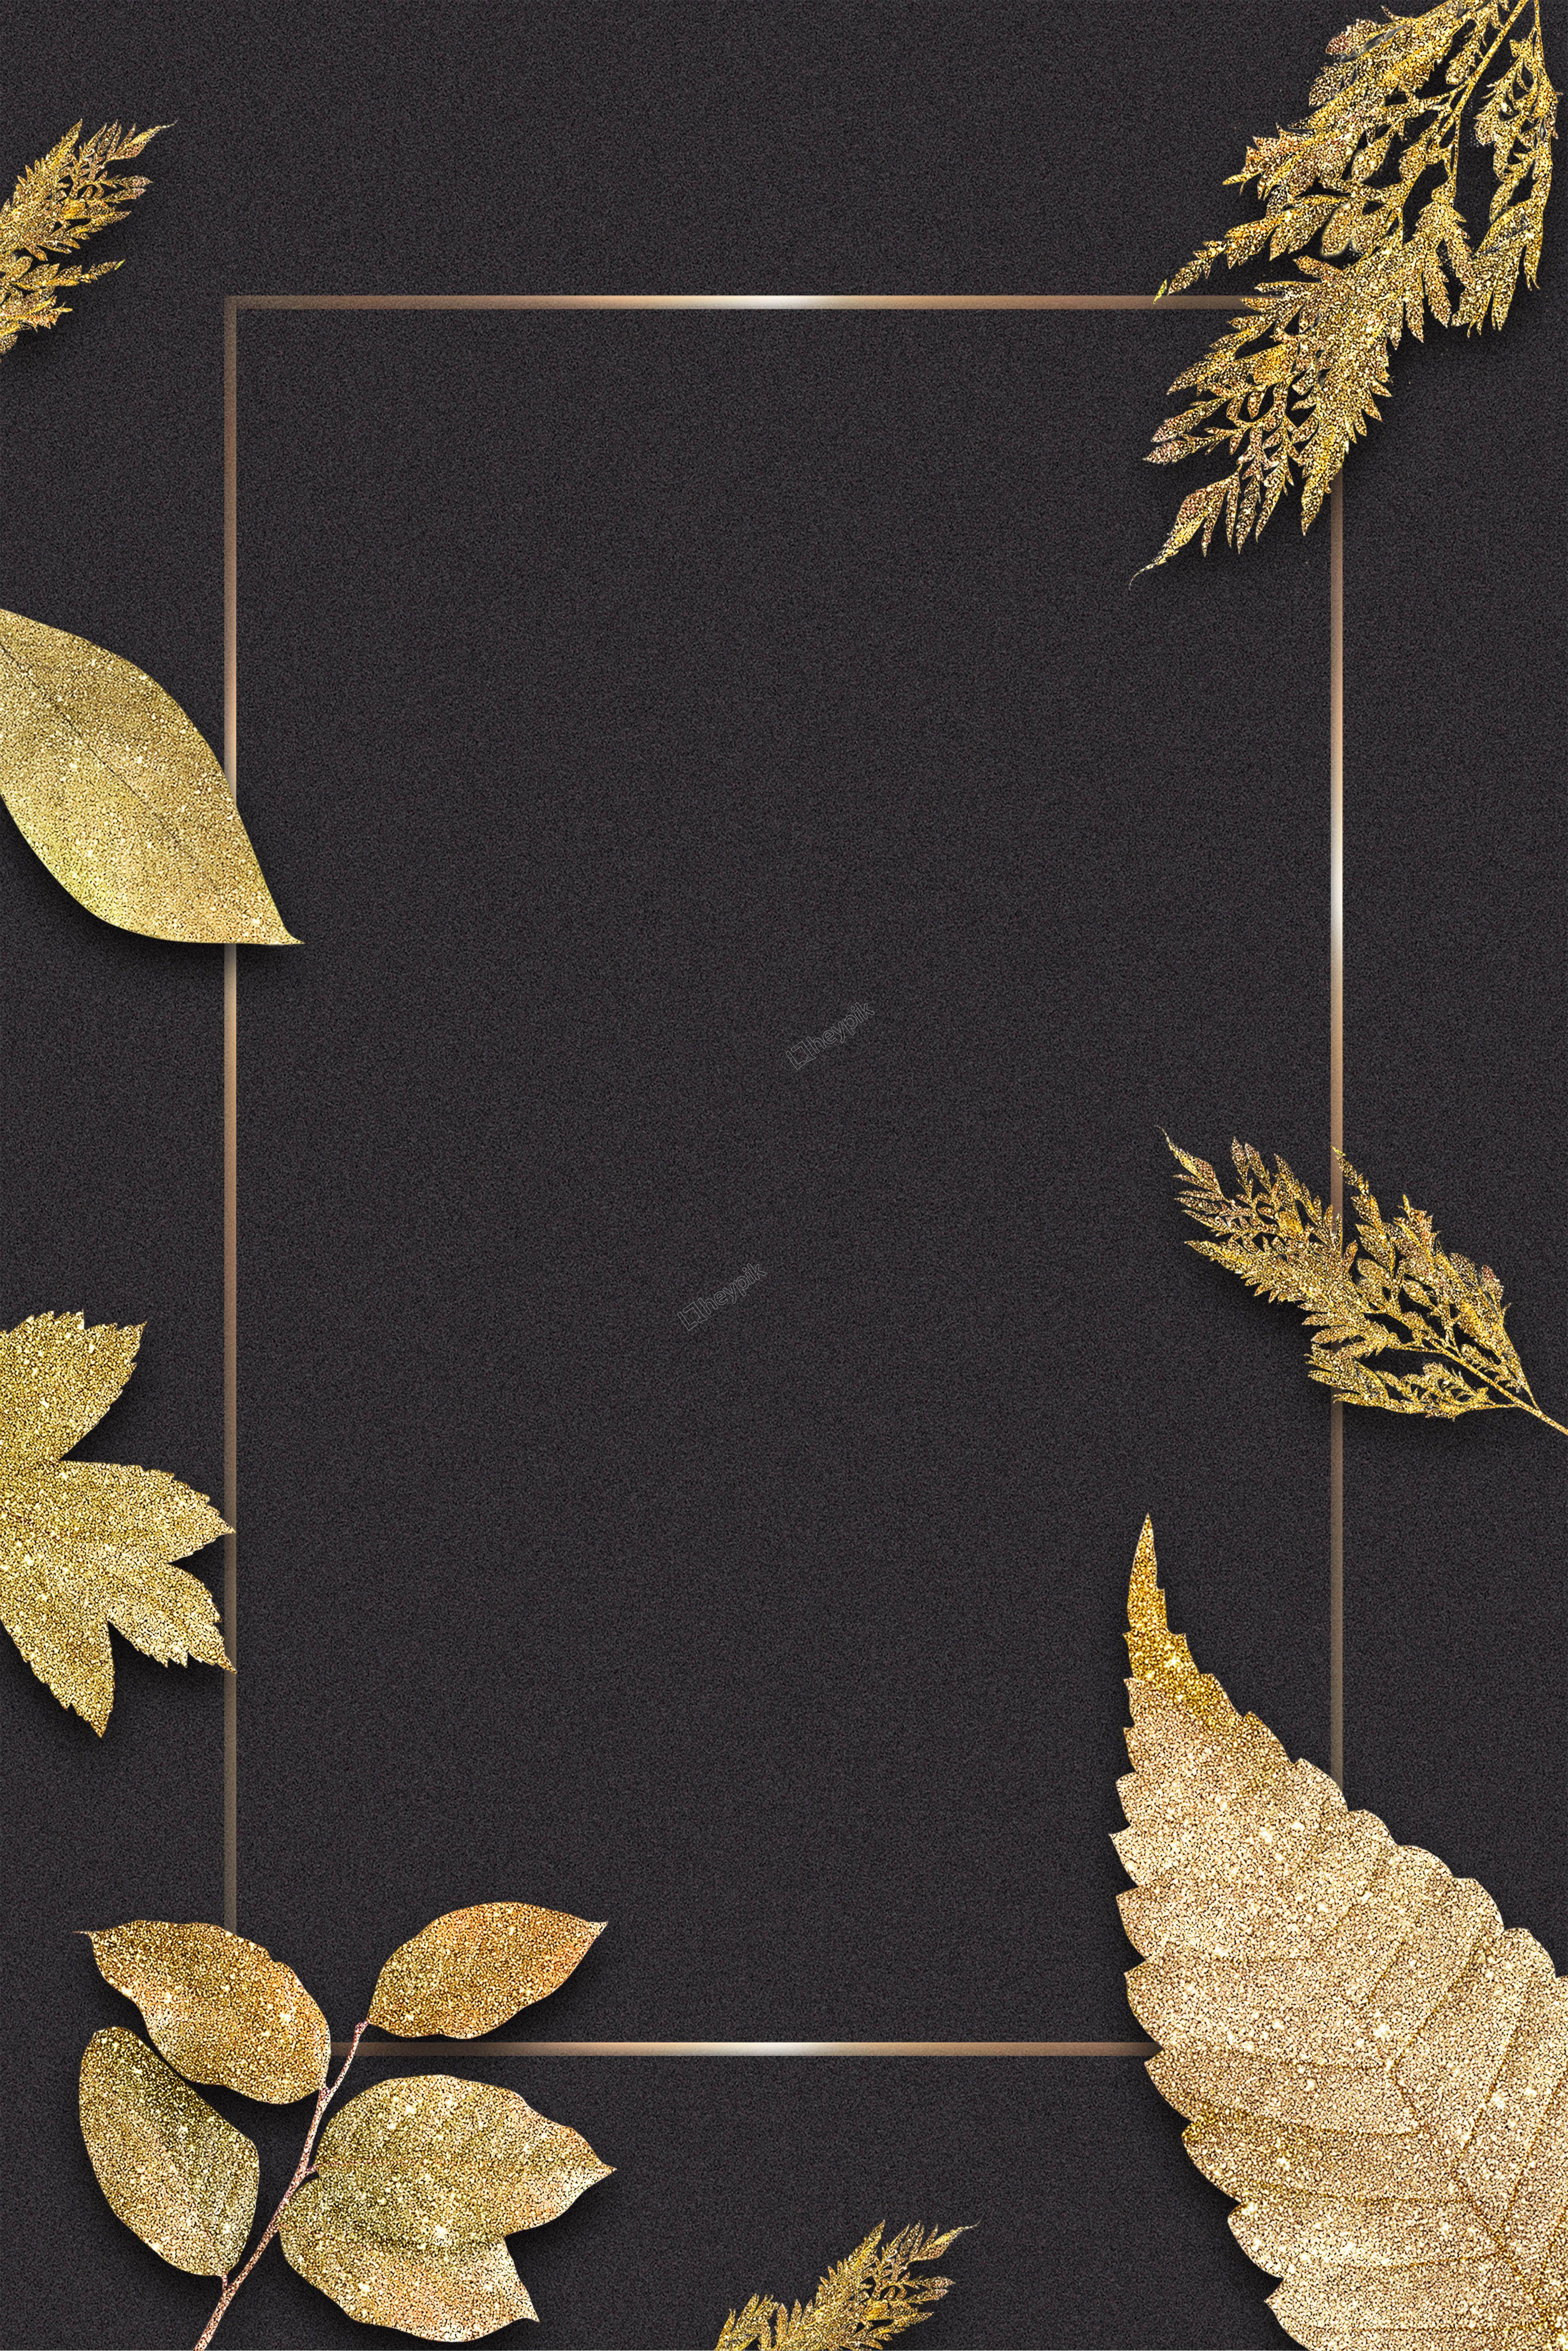 Black Gold Color Matching Plant Texture Gorgeous Minimalistic Business Border Backgr Plant Texture Poster Background Design Graphic Design Background Templates